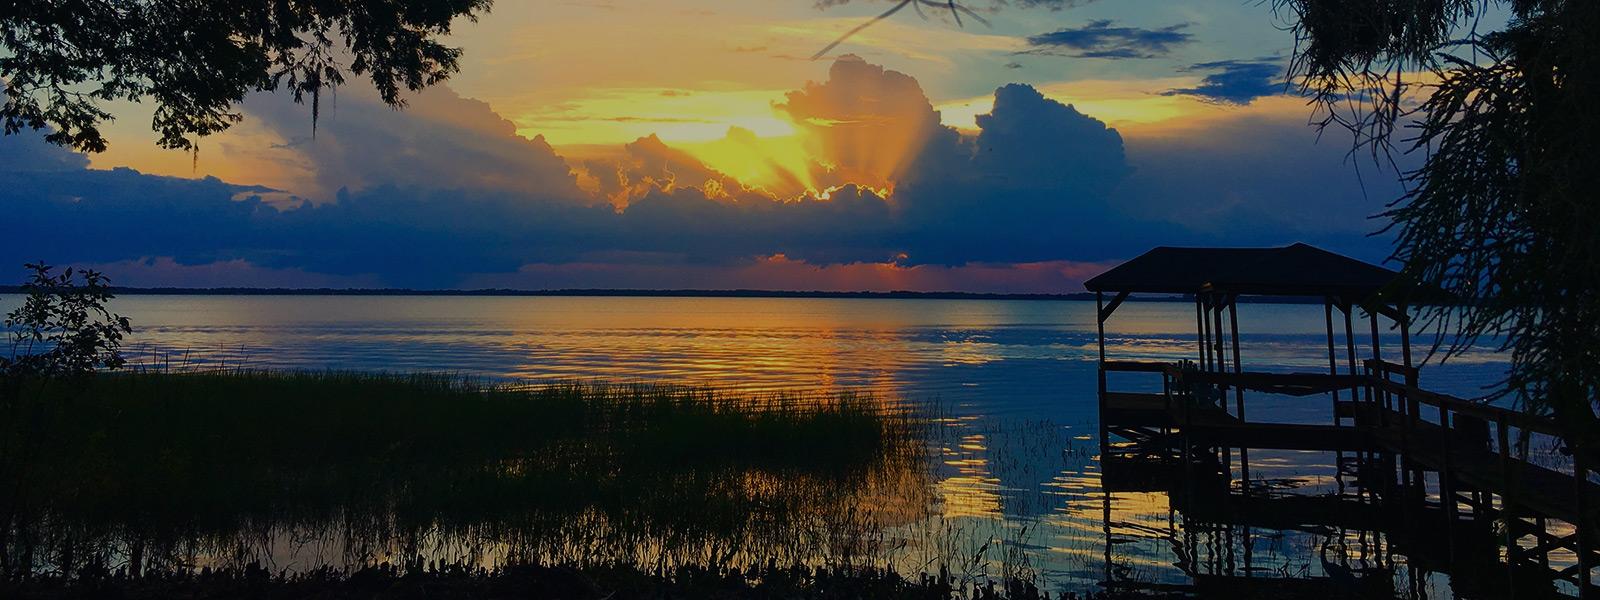 Eustis Florida